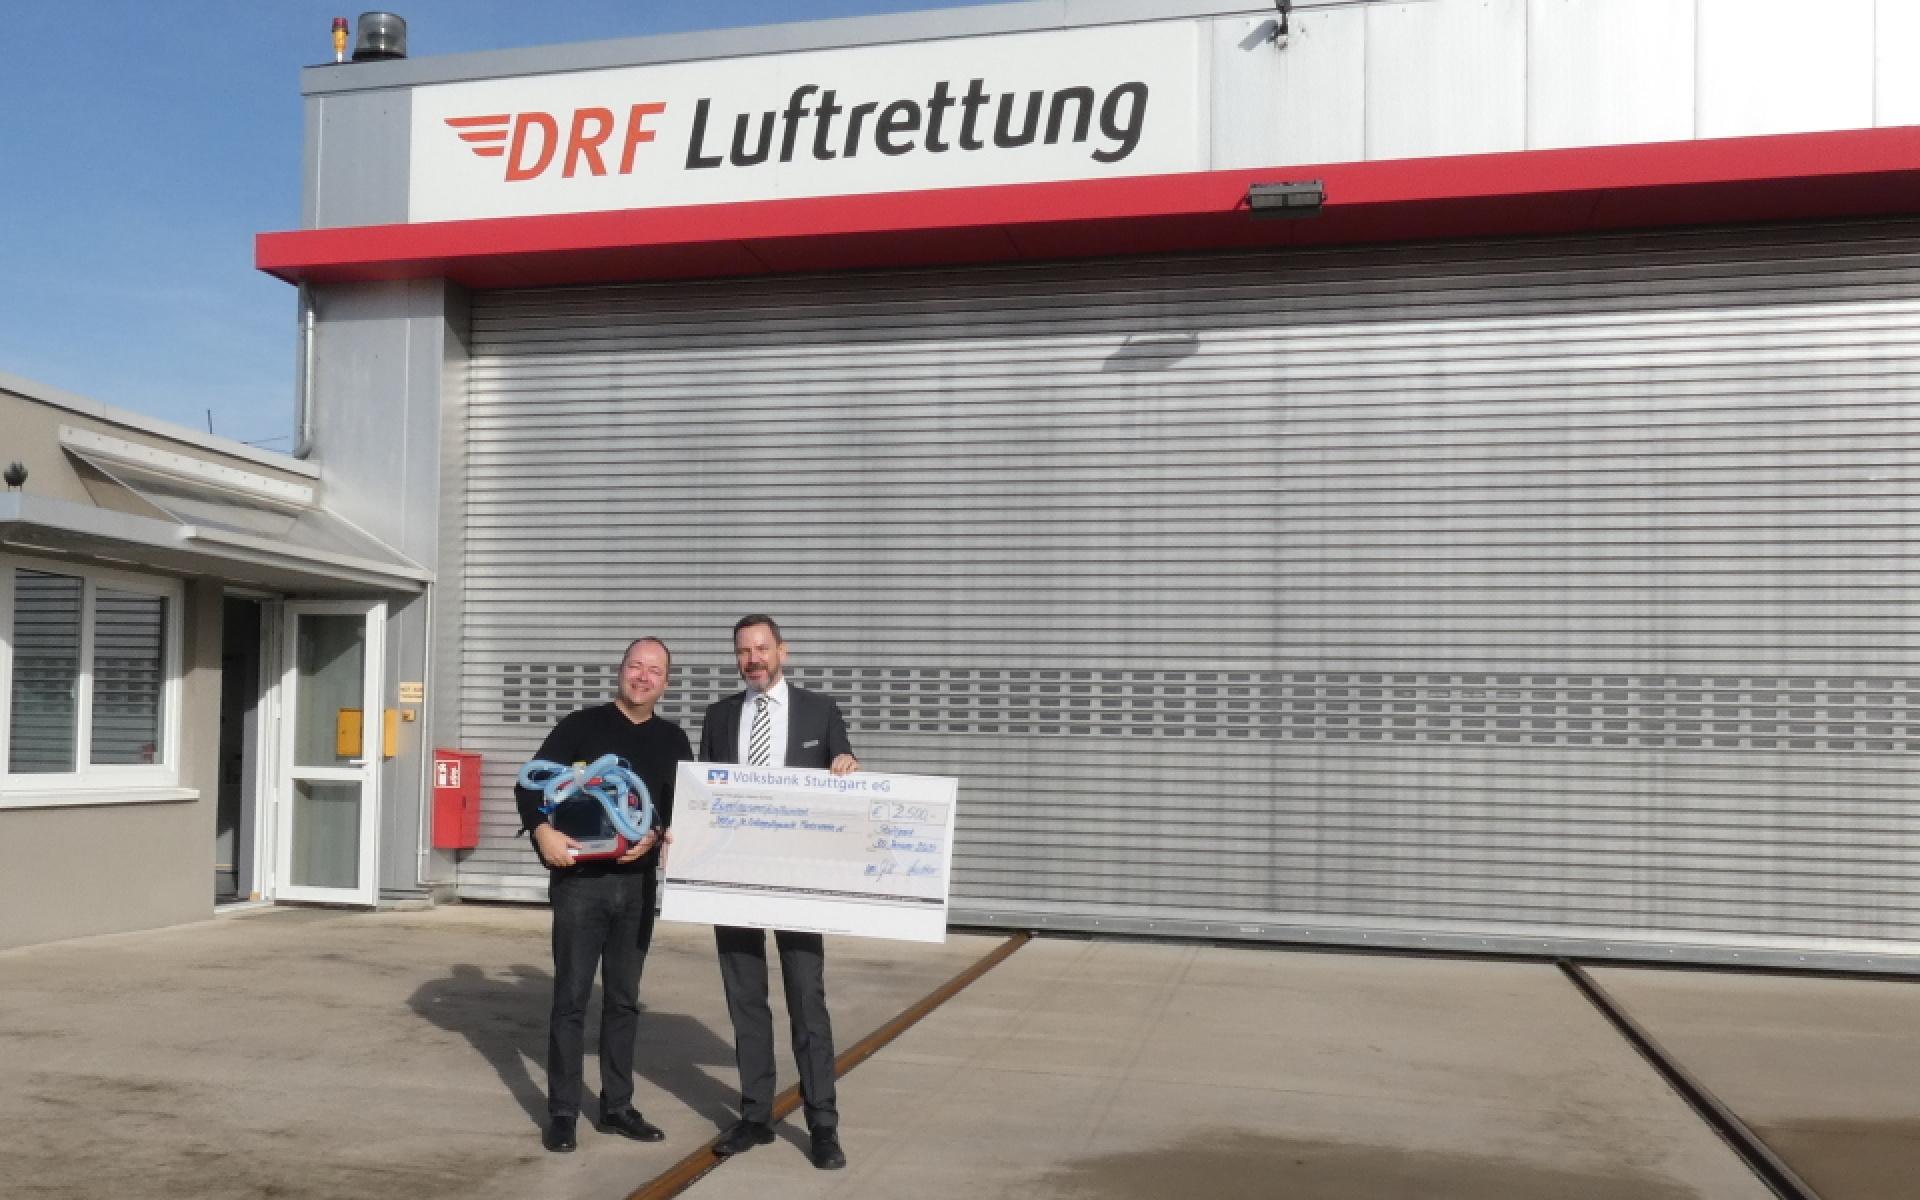 Zwei Männer stehen vor einem Hangar der DRF Luftrettung mit einem großen symbolischen Scheck in der Hand.